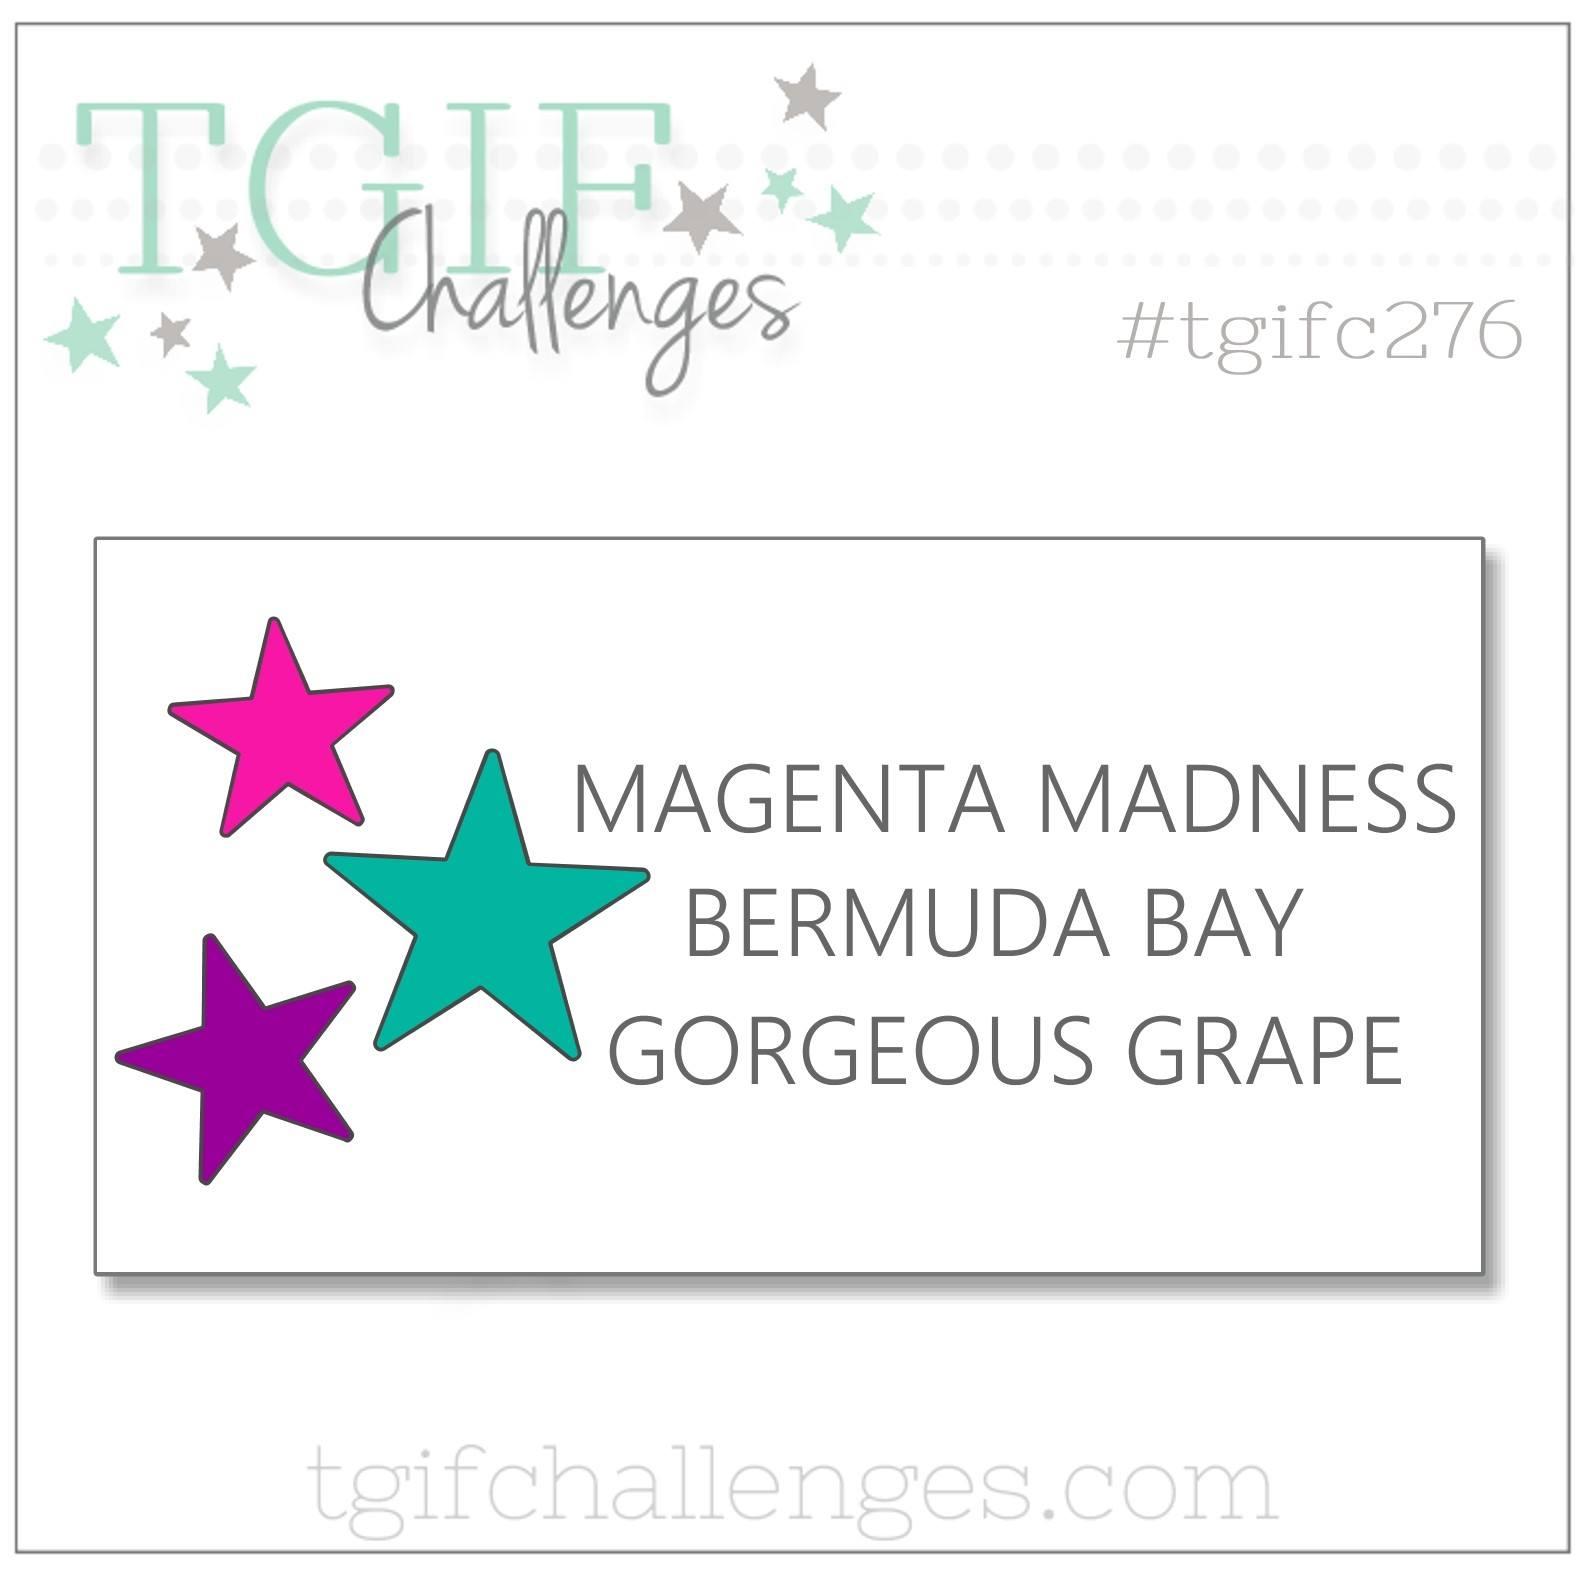 tgifc276 color challenge